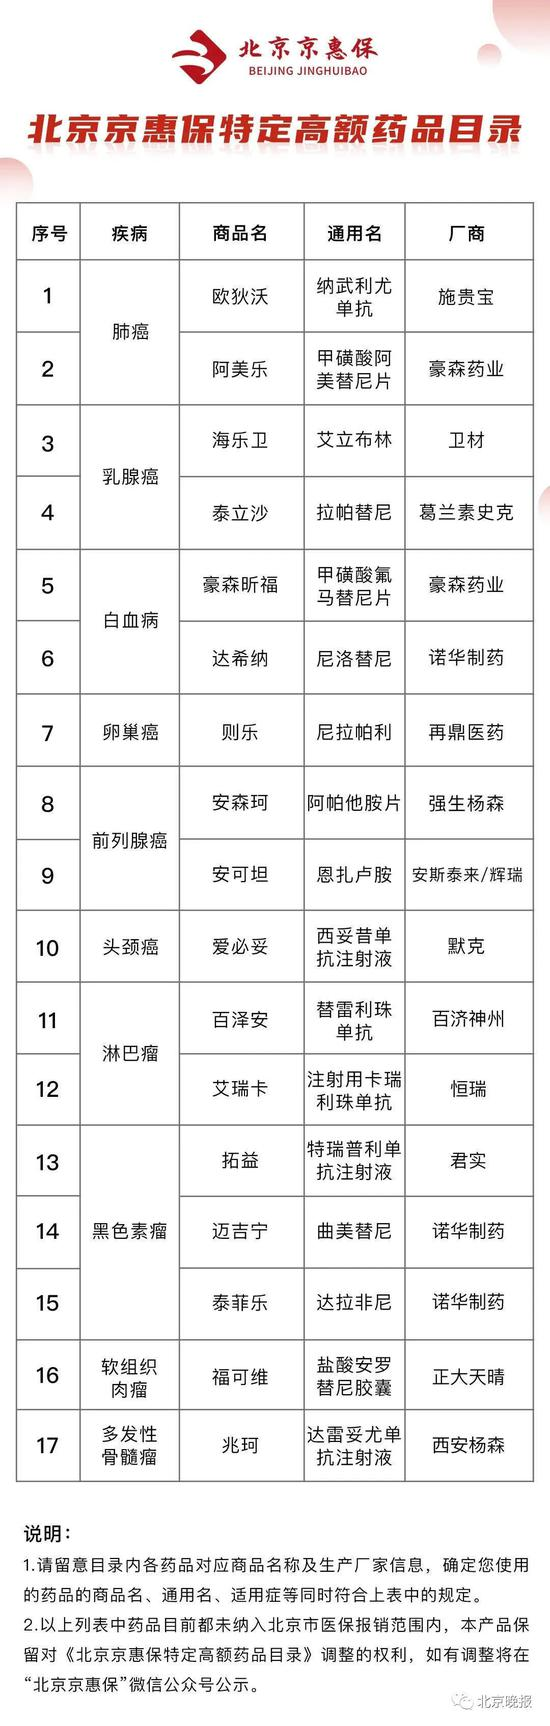 北京京惠保谁能买?如何保障?17个热点问题全解答图片